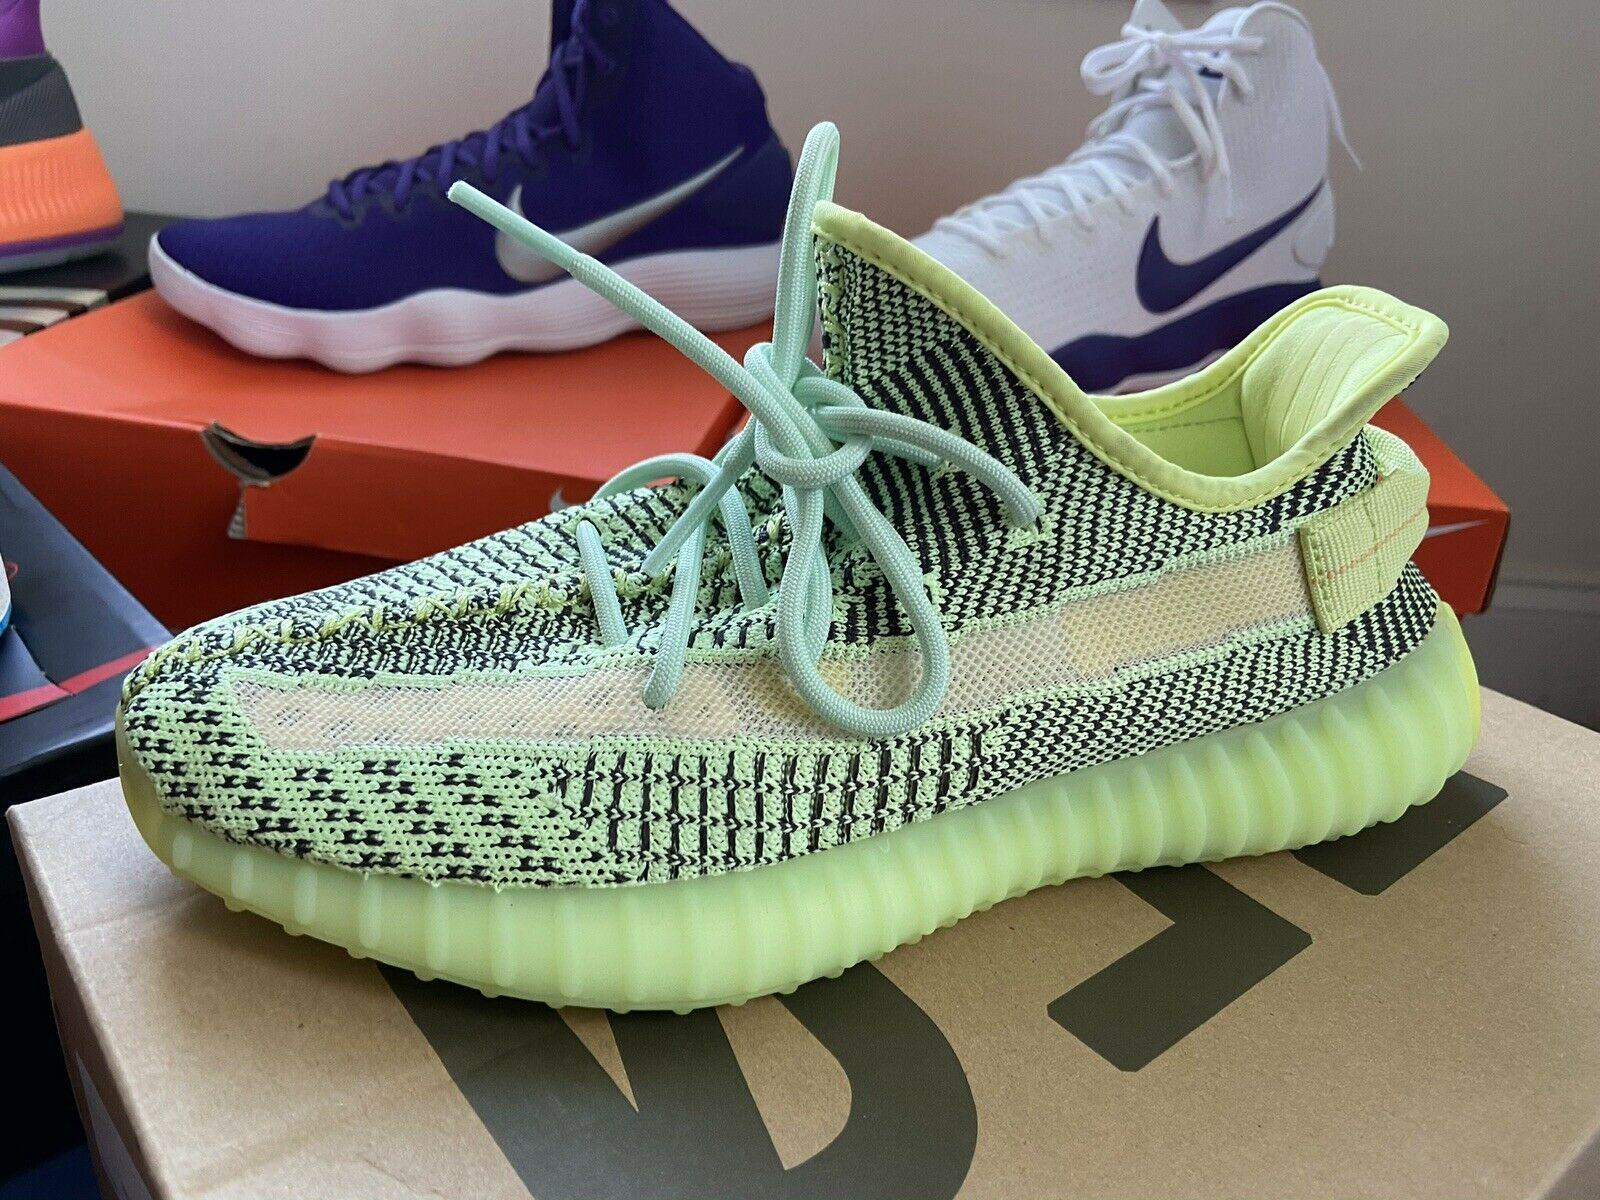 adidas Yeezy Boost 350 V2 Yeezreel Non Reflective